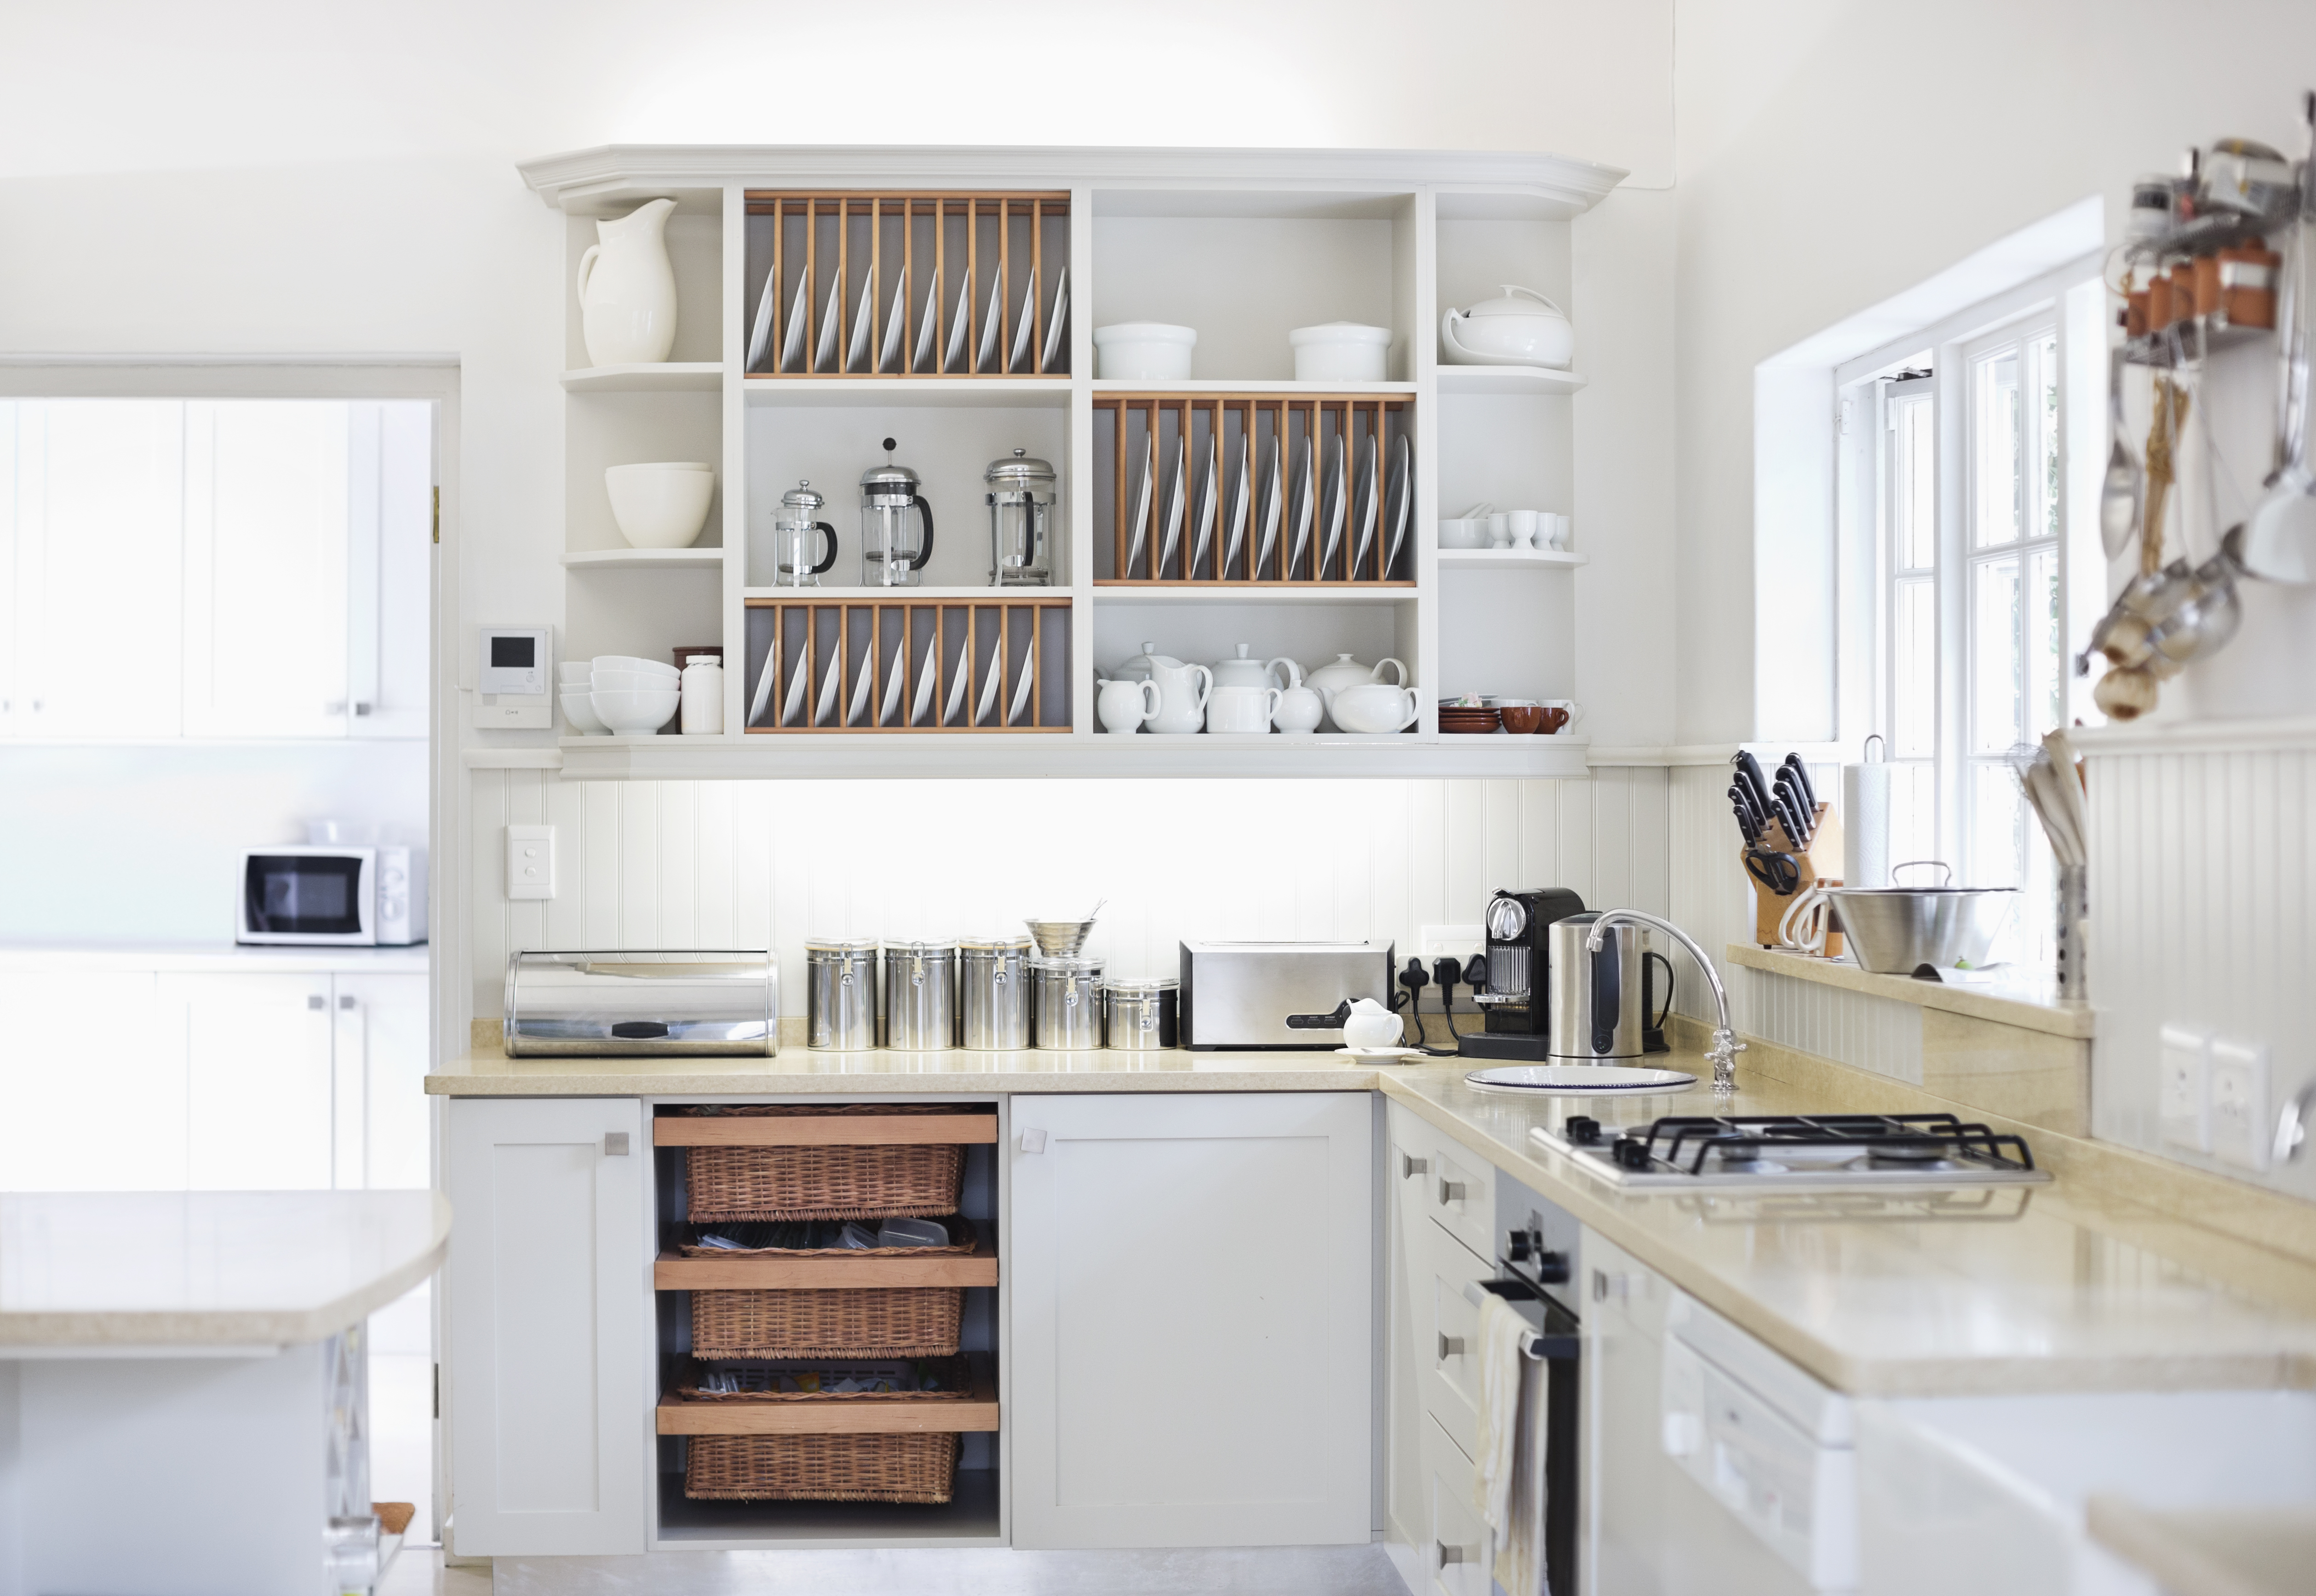 RvR Kitchen Getty Images